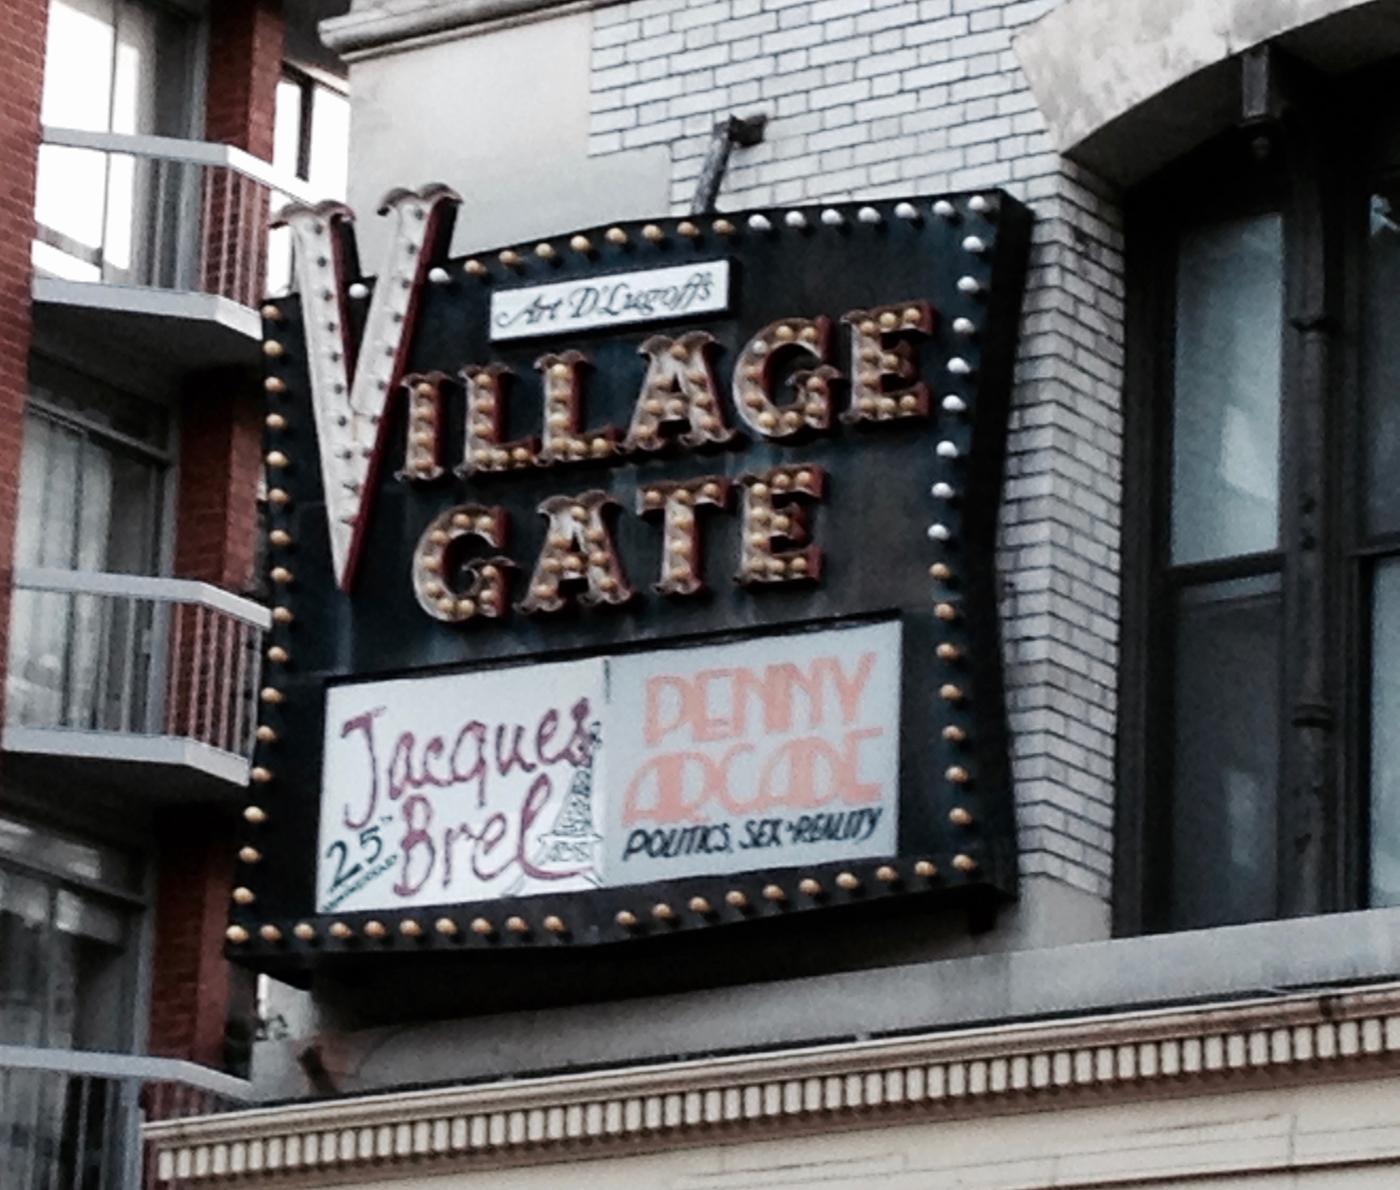 Bob Dylan's Greenwich Village: A Self-Guided Walking Tour